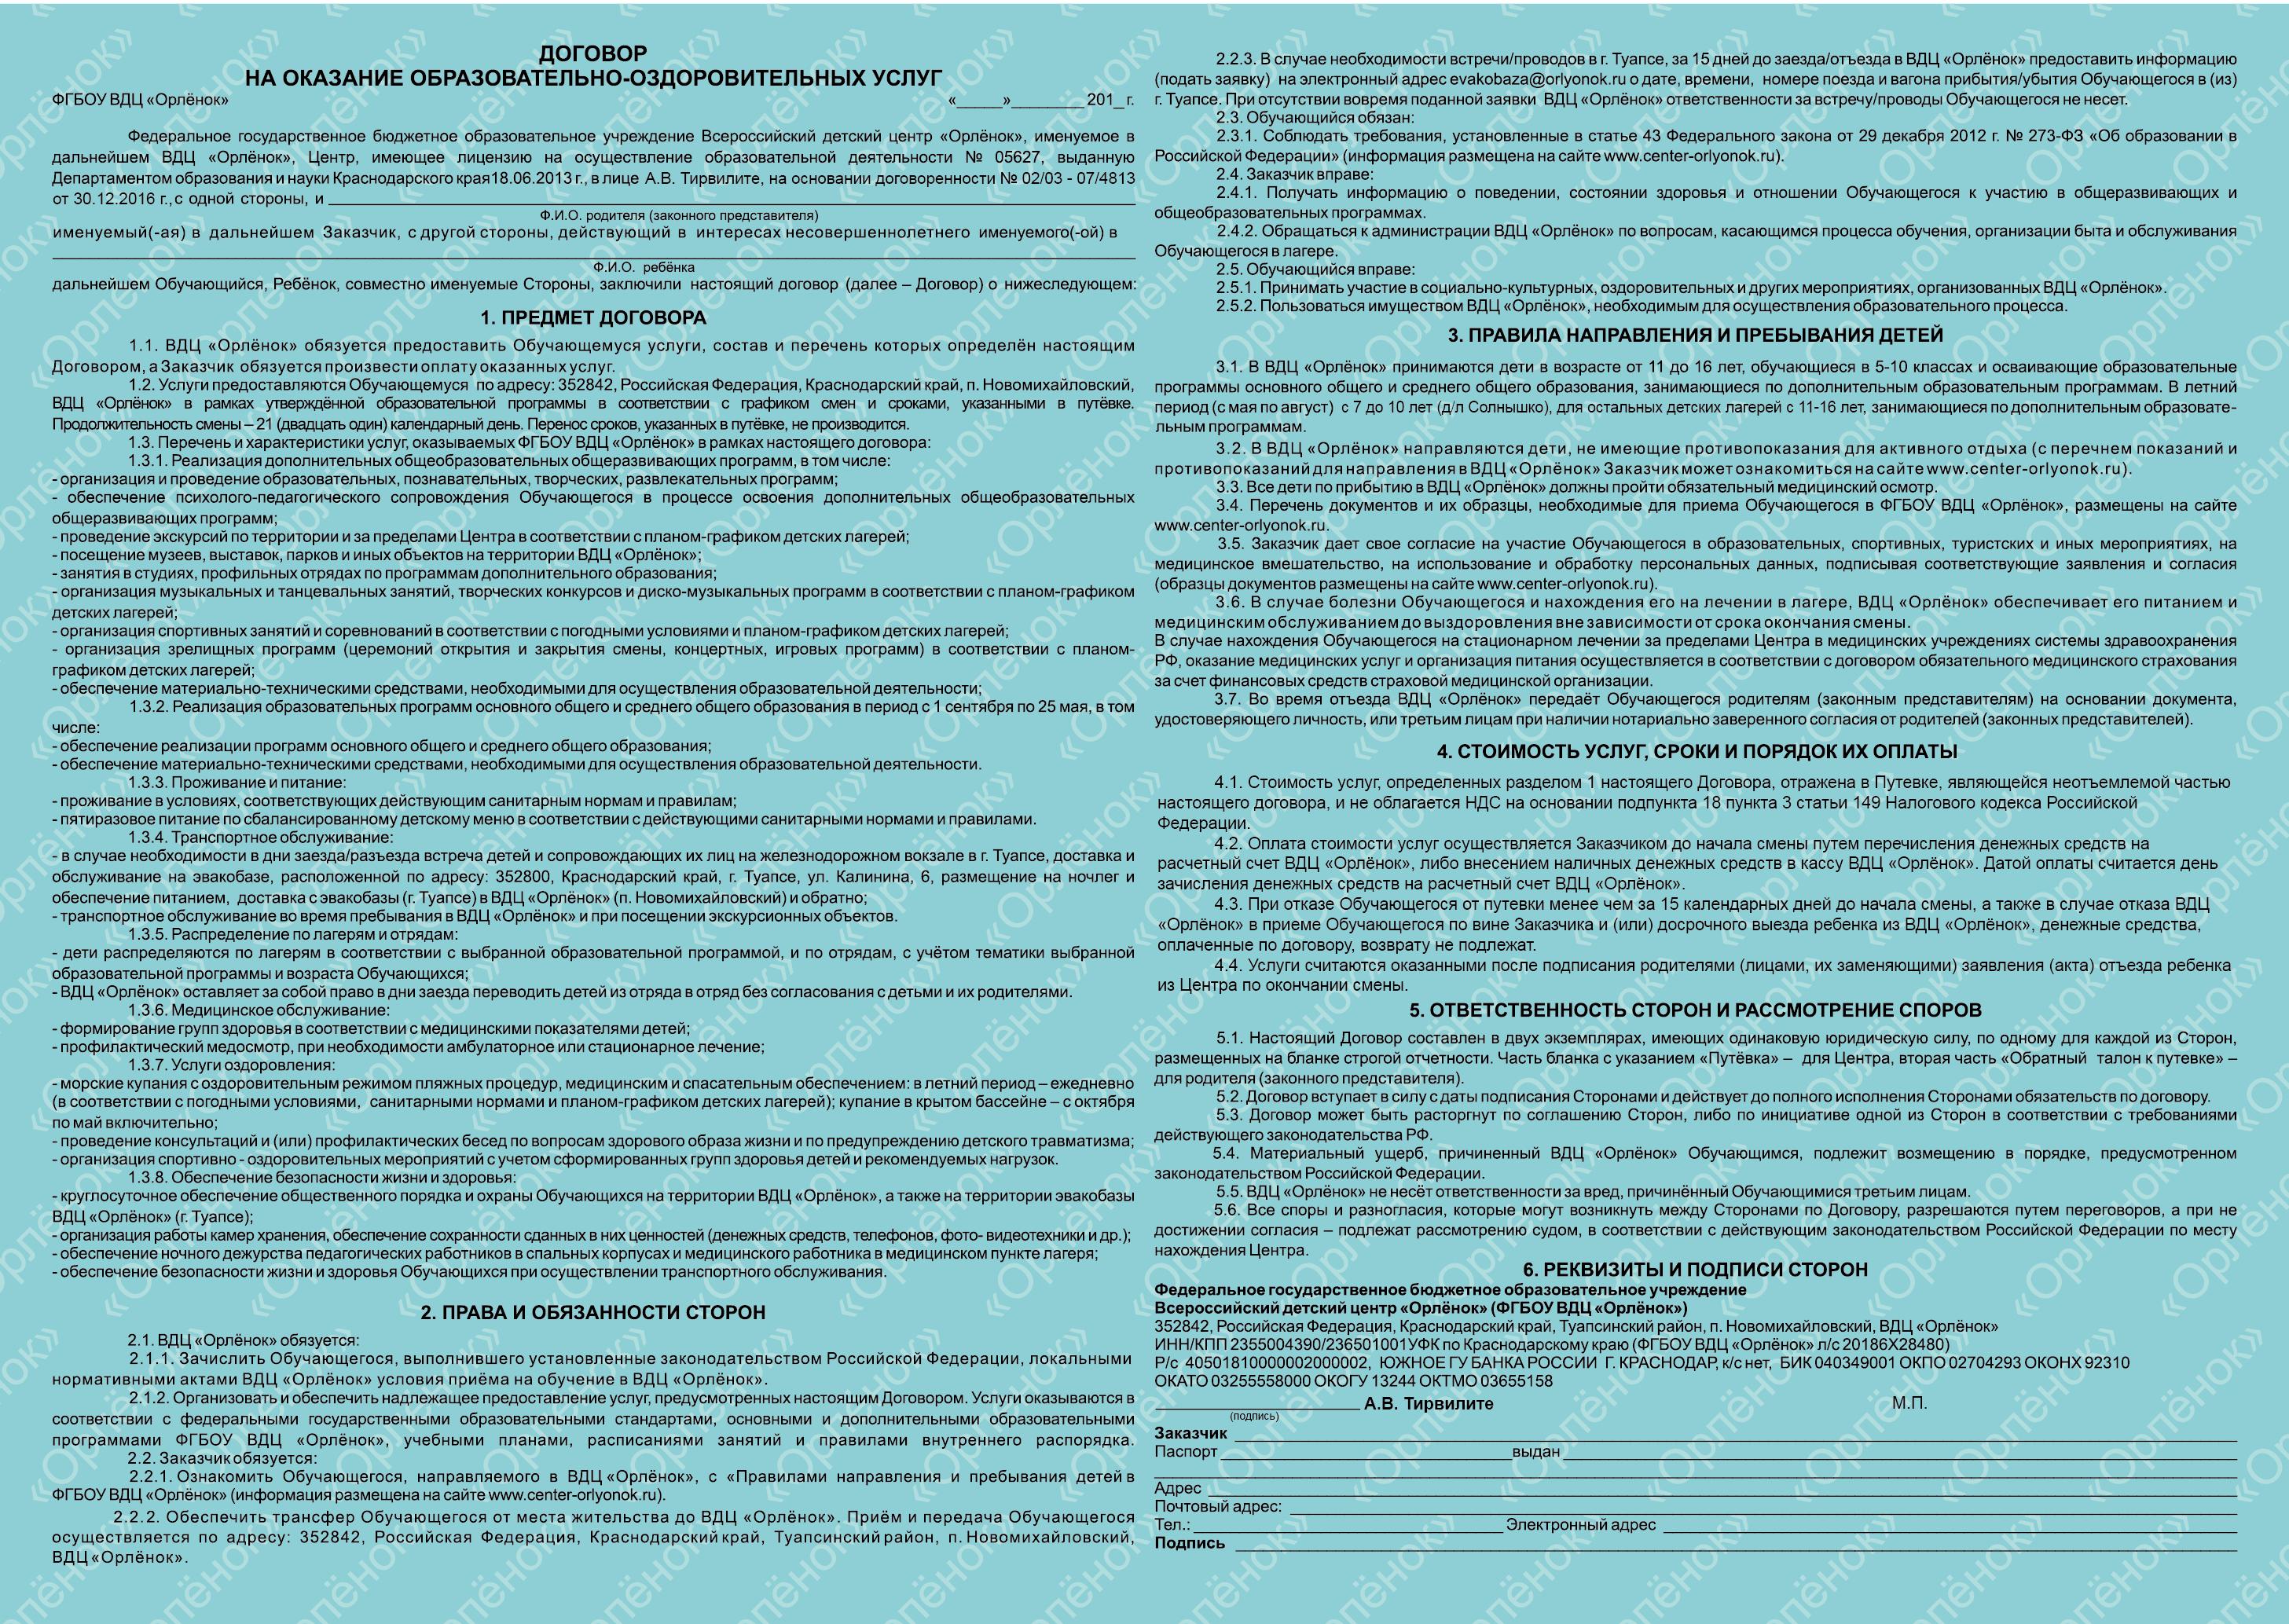 медицинская справка ф-133/о киев